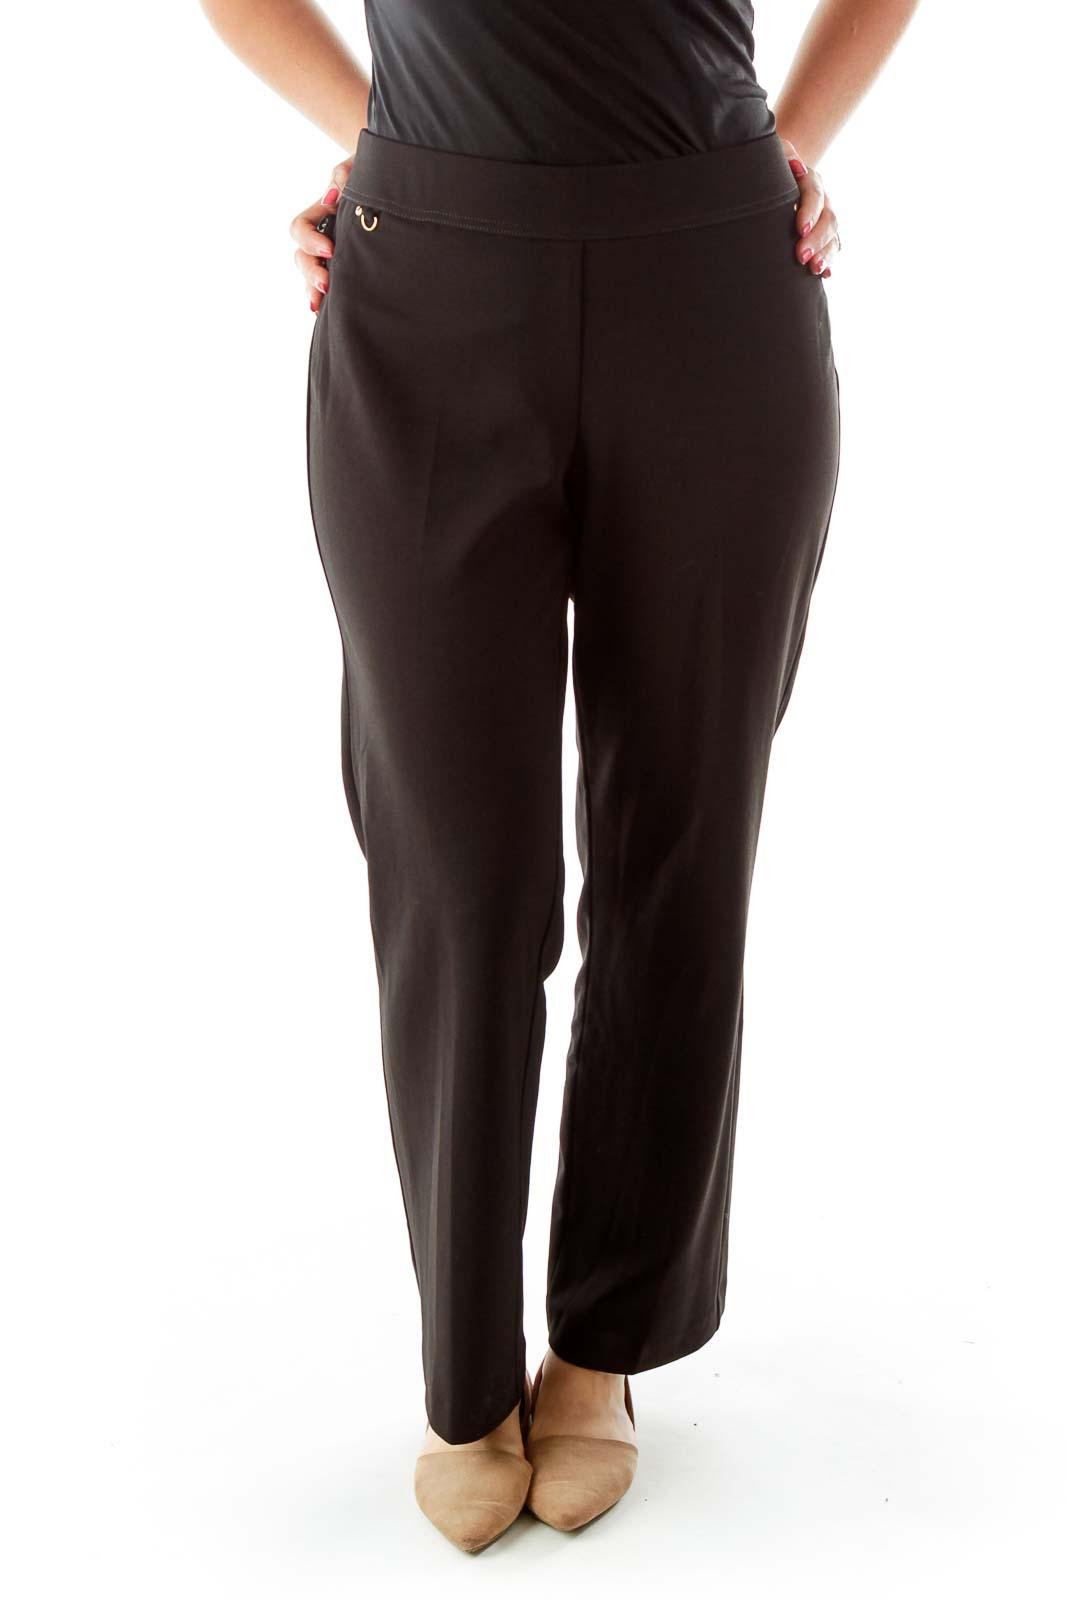 Black Elastic Waist Straight Fit Pants